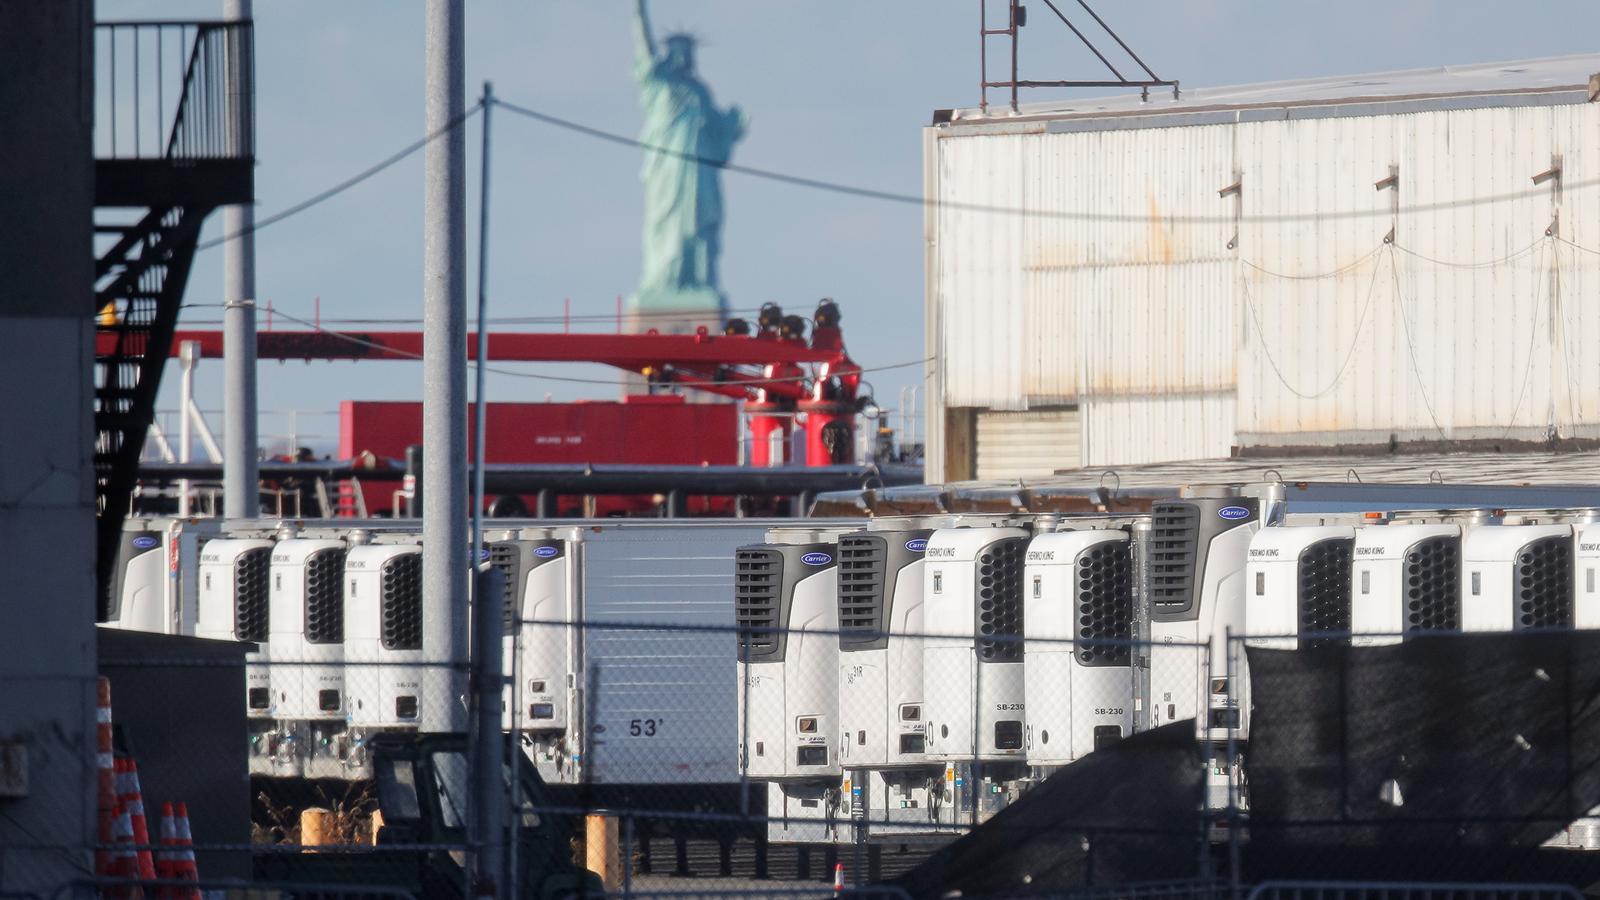 Centenars de cadàvers s'acumulen en camions refrigeradors a Nova York des de la primavera